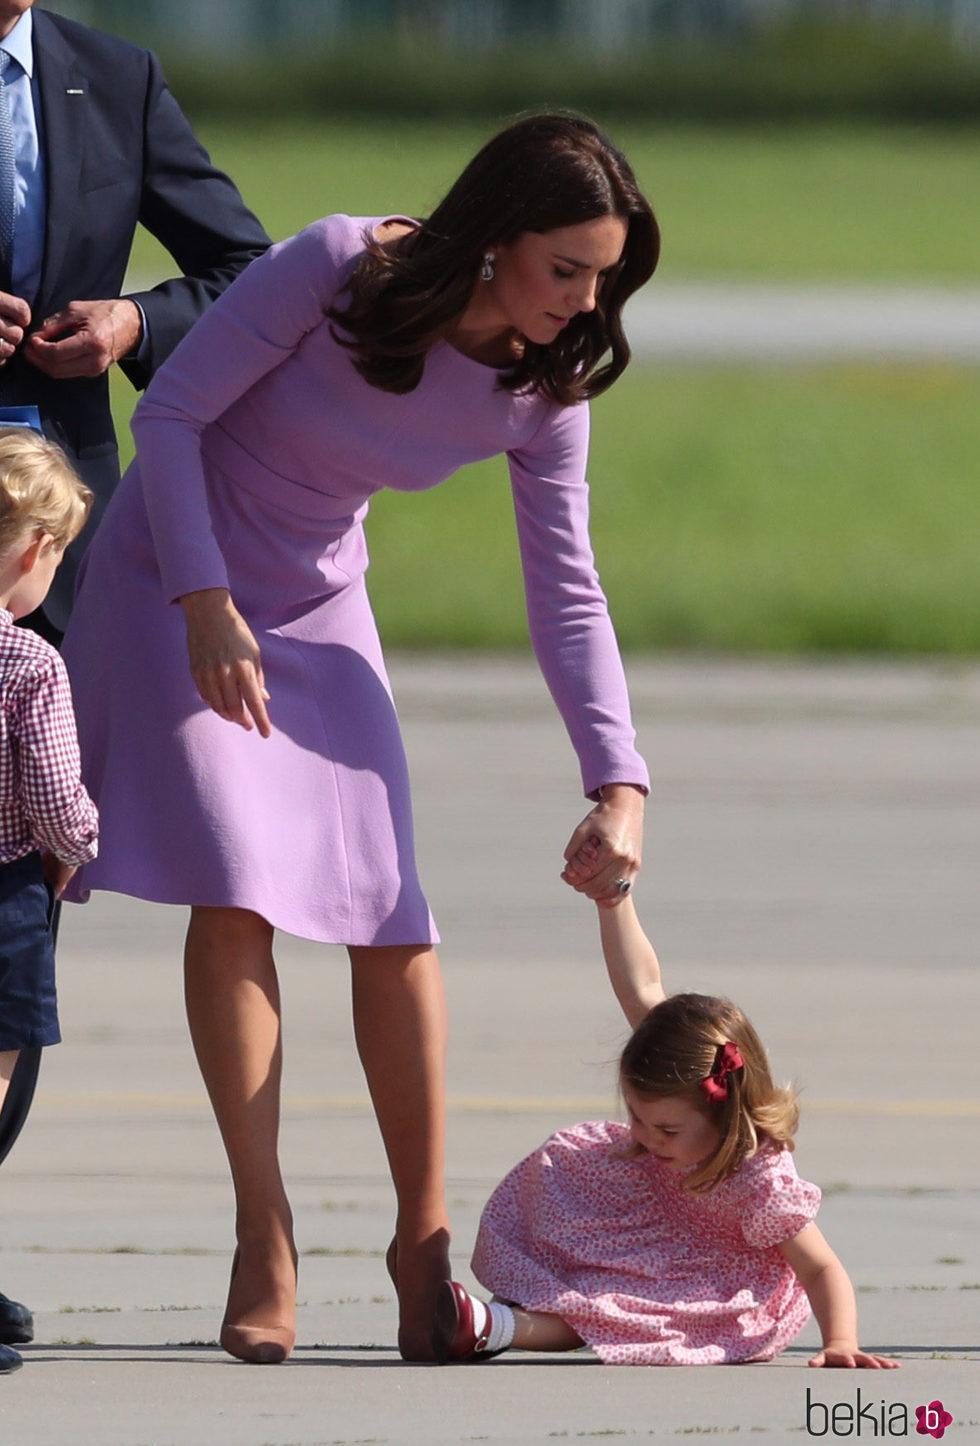 La Princesa Carlota tropieza y cae al suelo mientras iba de la mano de Kate Middleton en Hamburgo